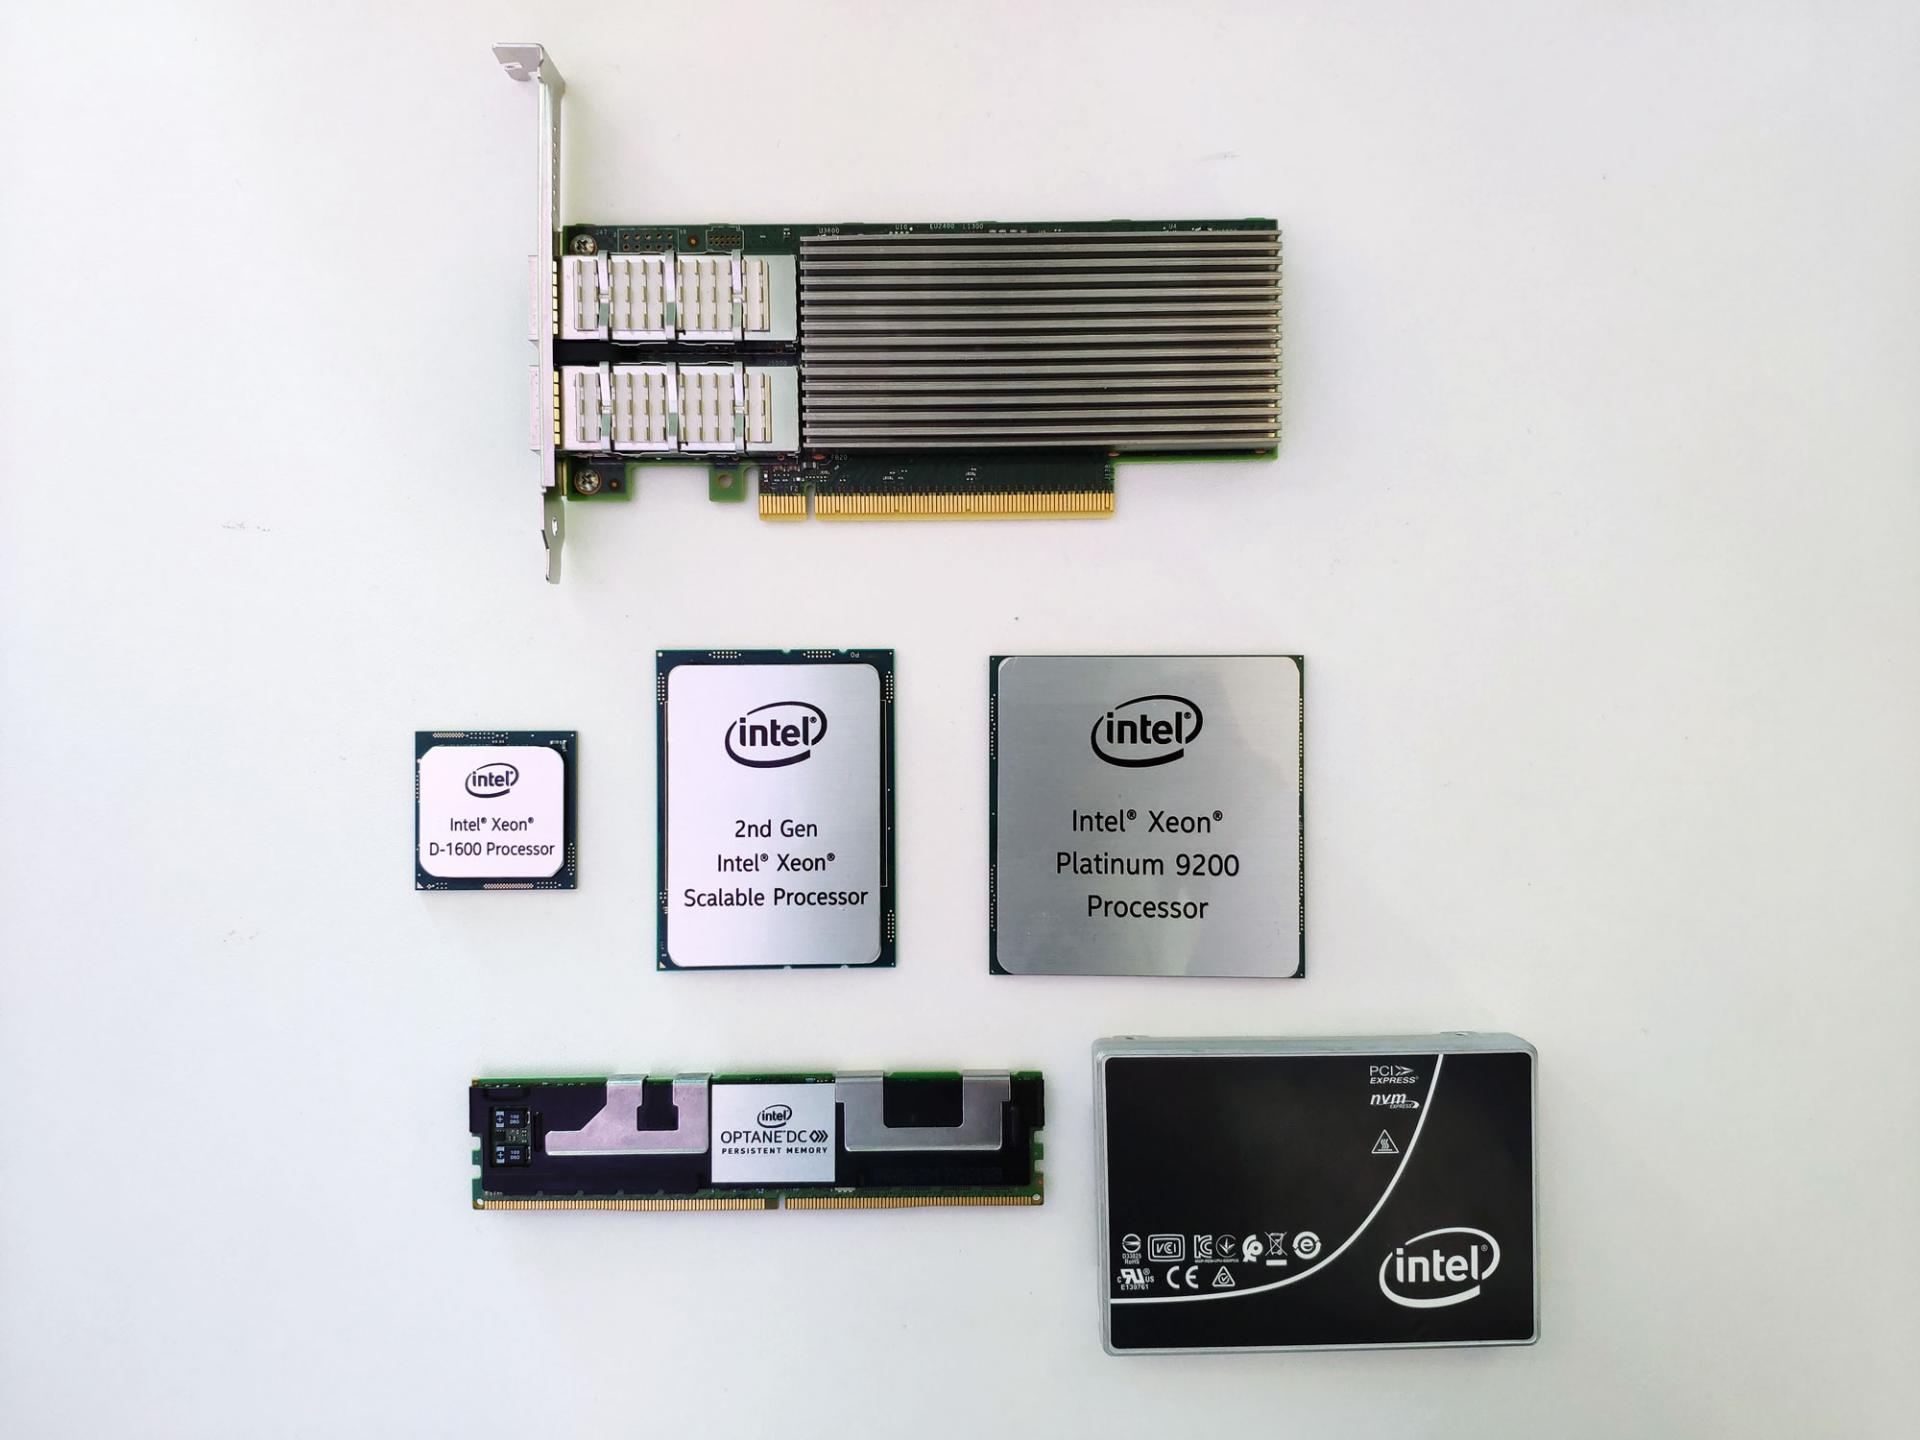 Intel показала процессоры Xeon второго поколения, новые Optane иSSD накопители для серверов